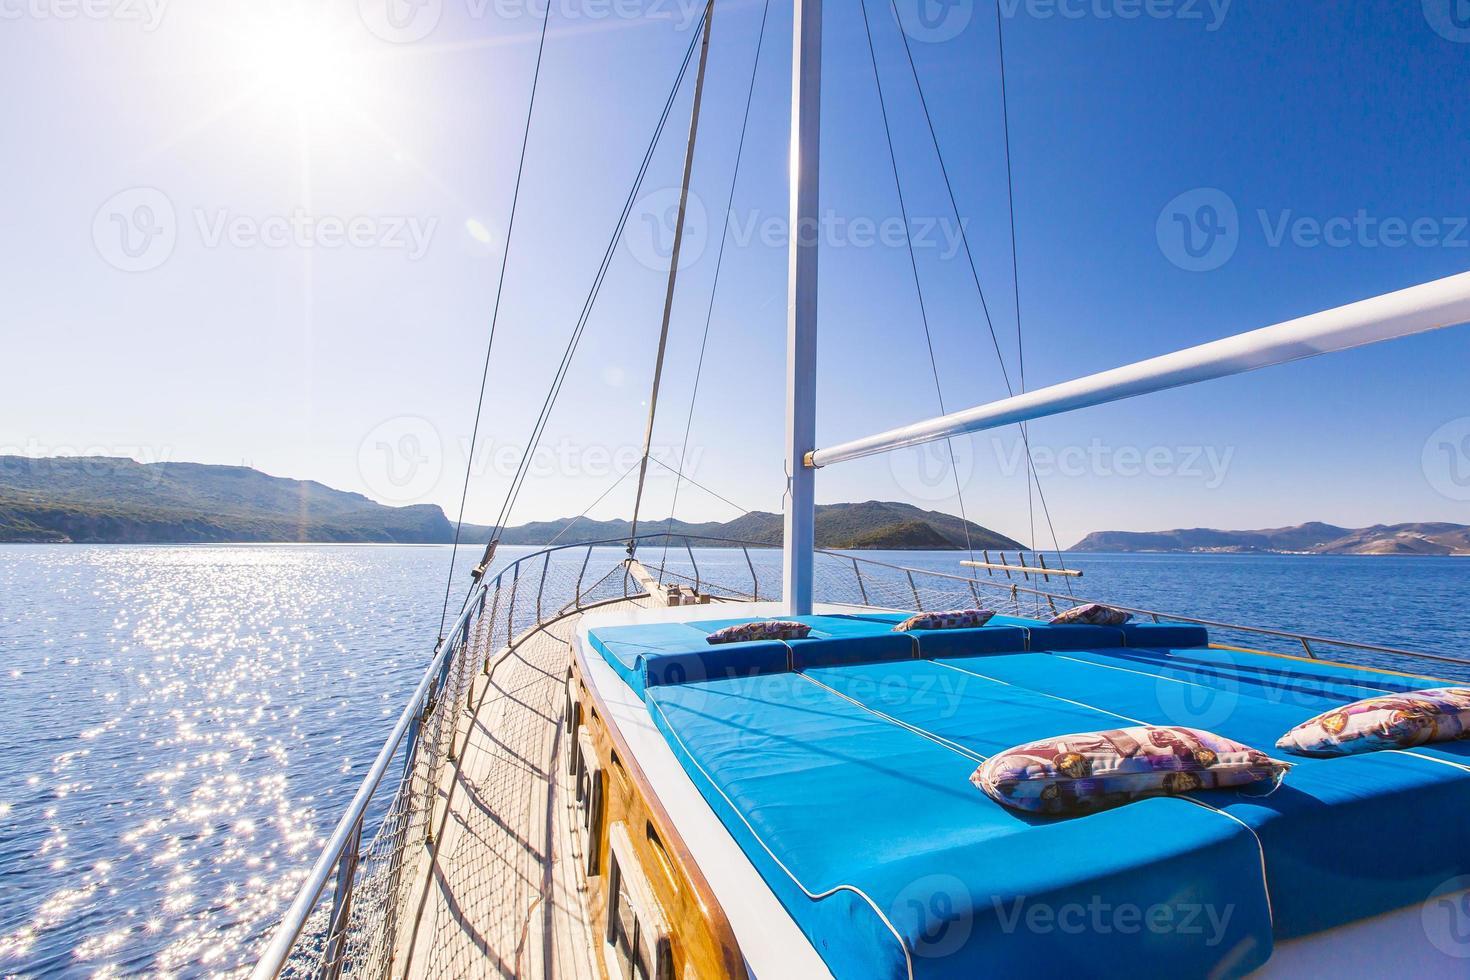 bordo do navio foto